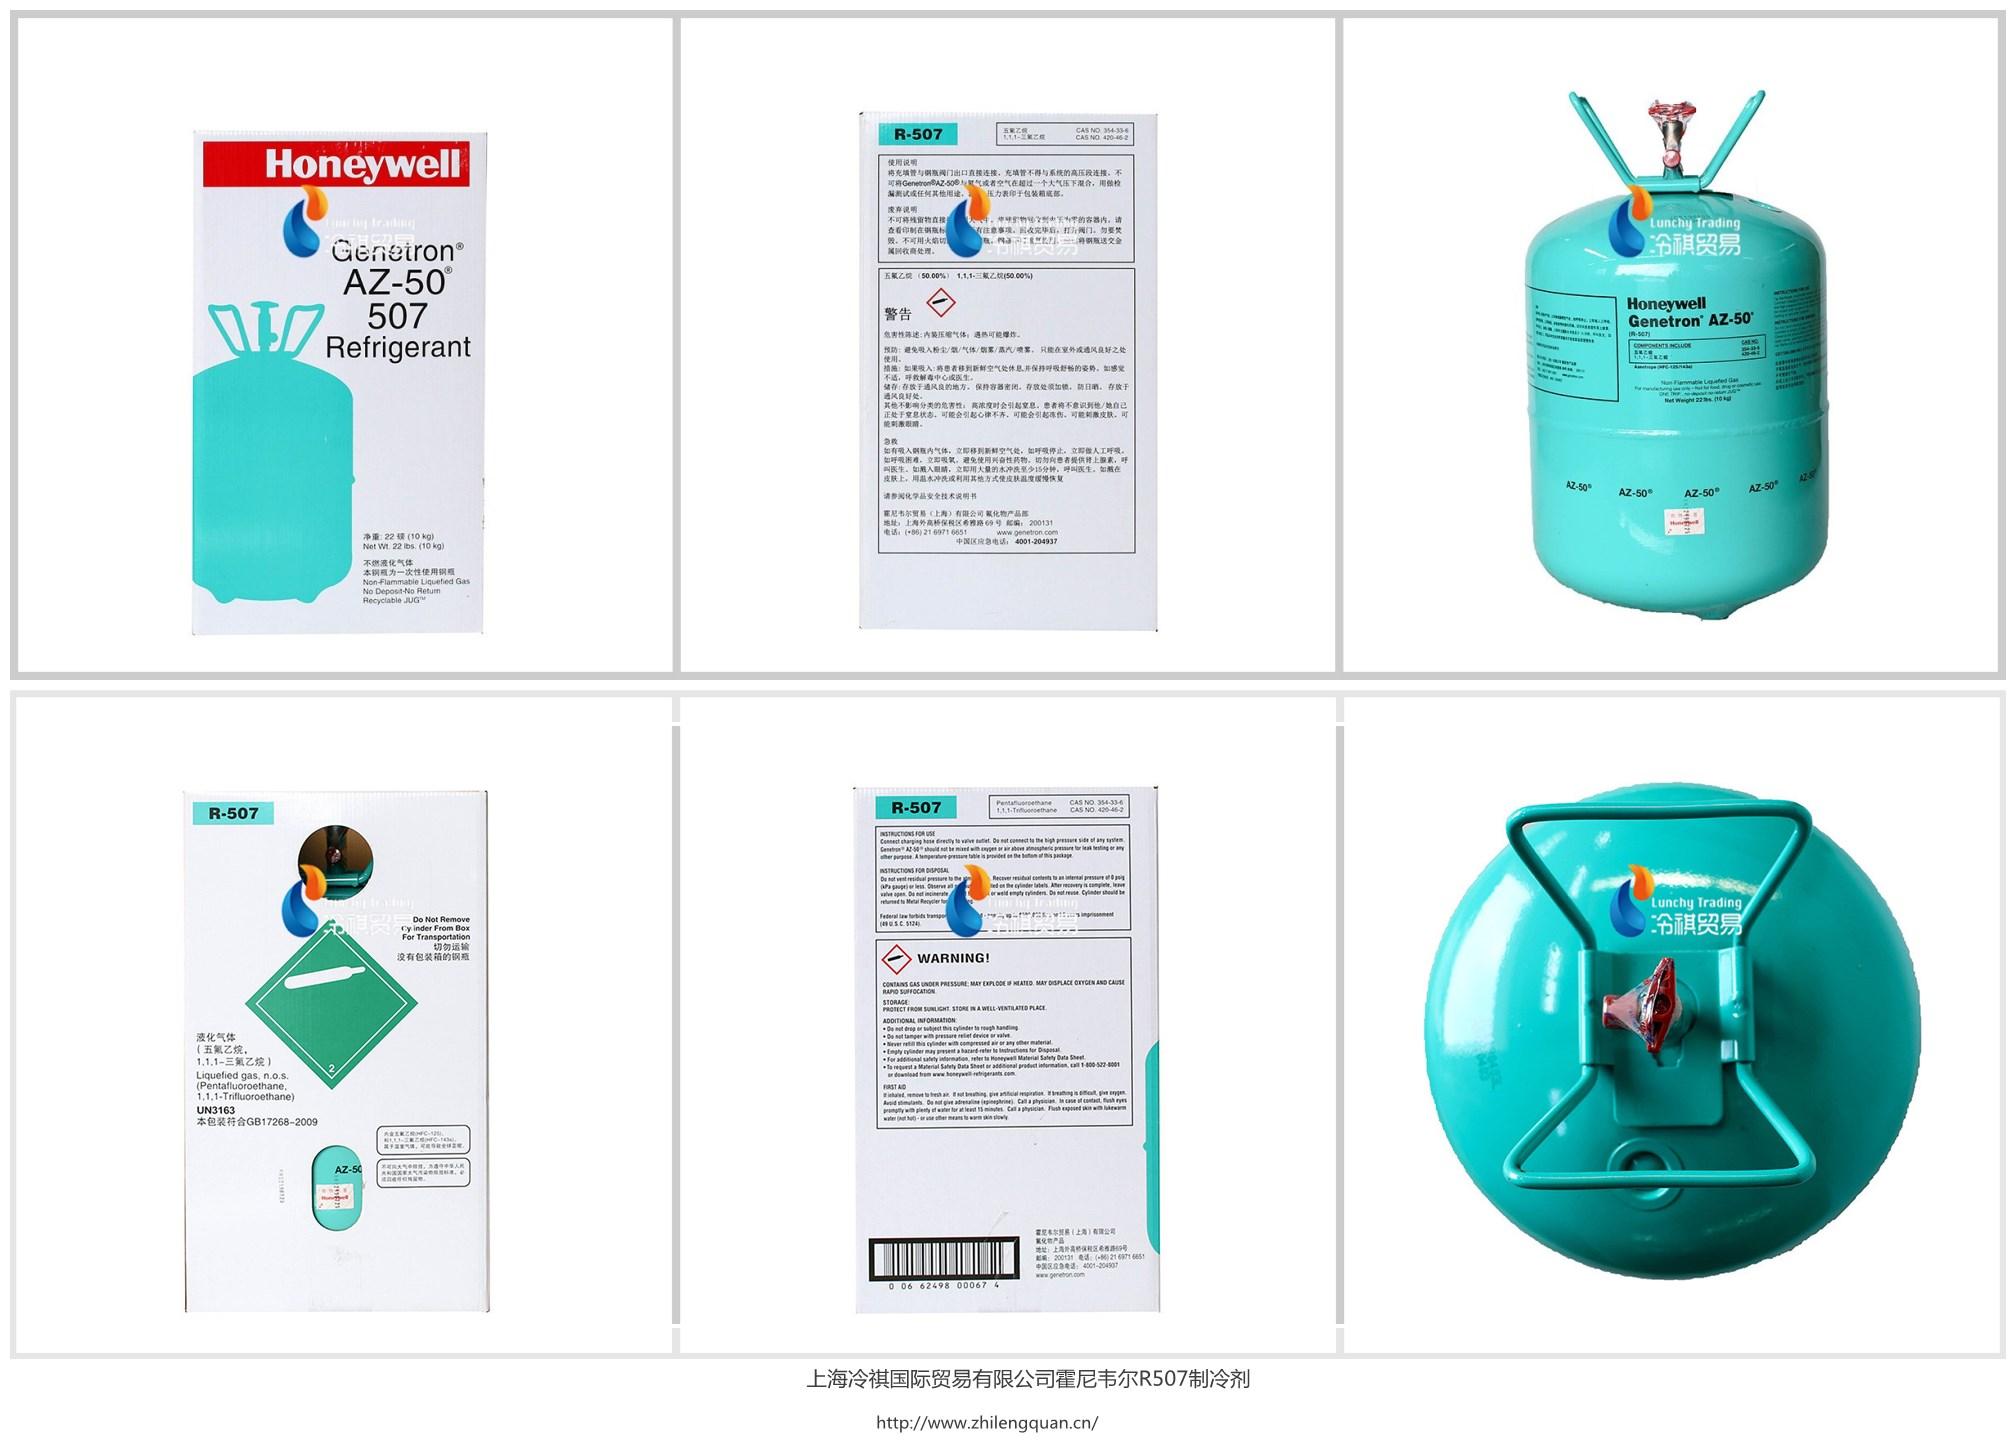 霍尼韦尔R507制冷剂图片